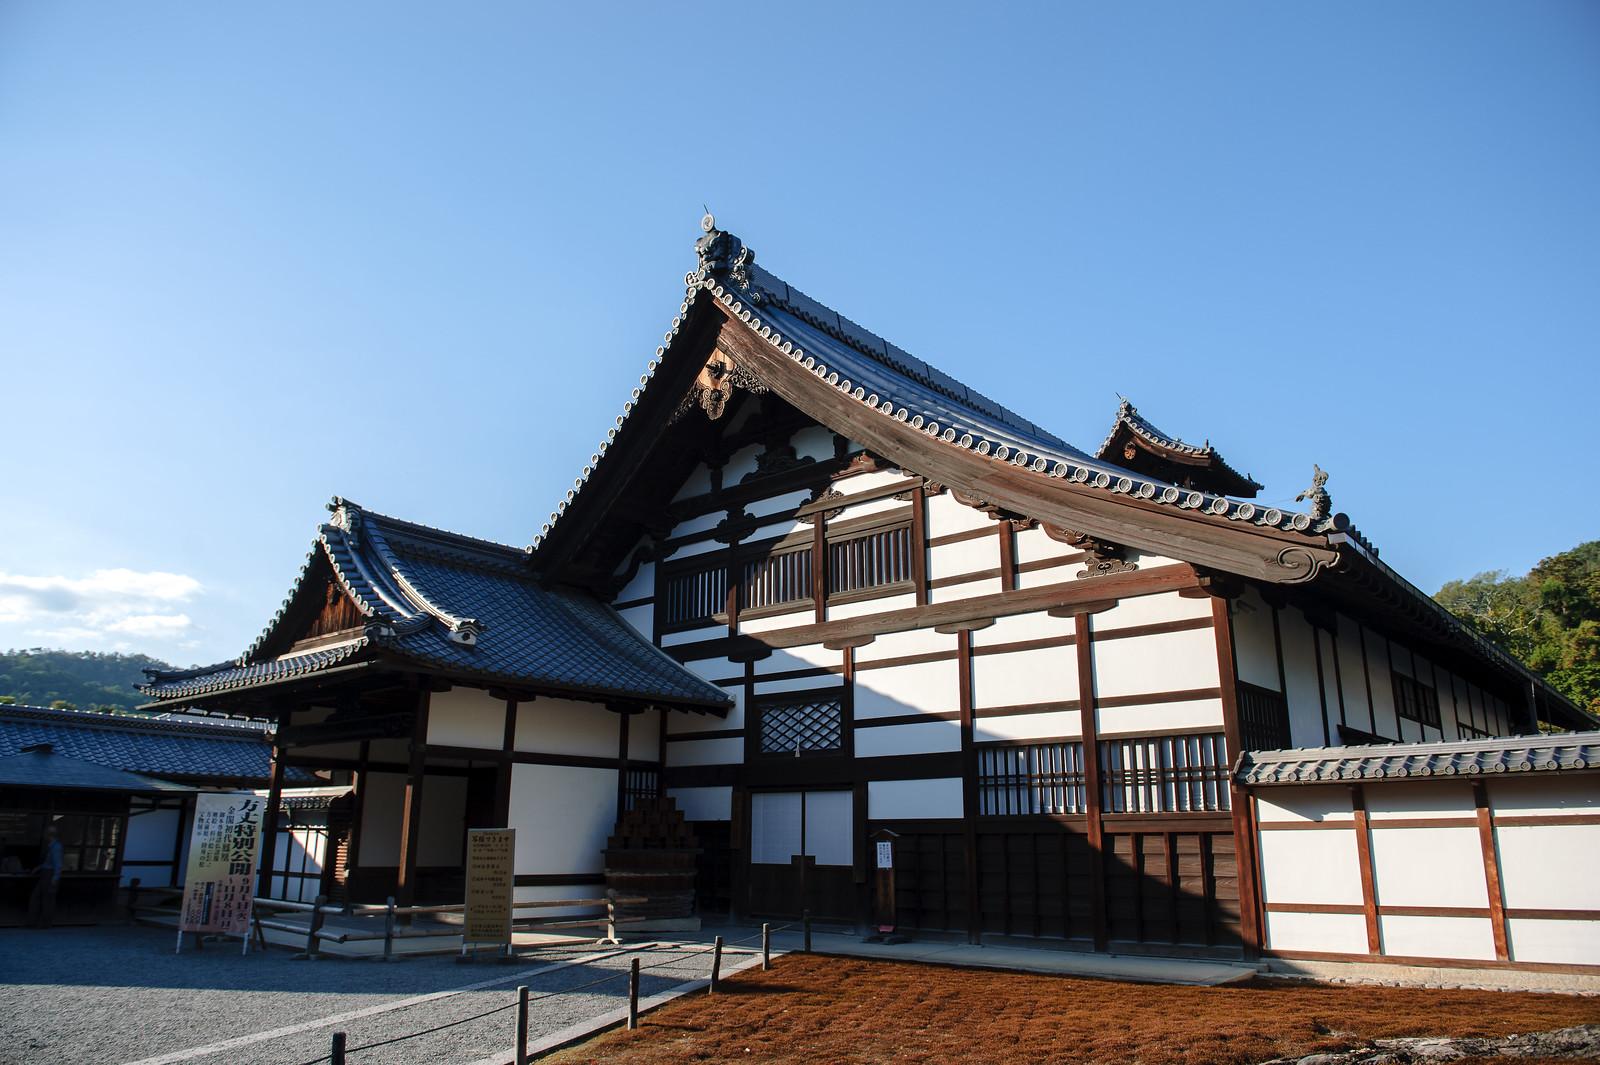 2015VQ@Kyoto-187